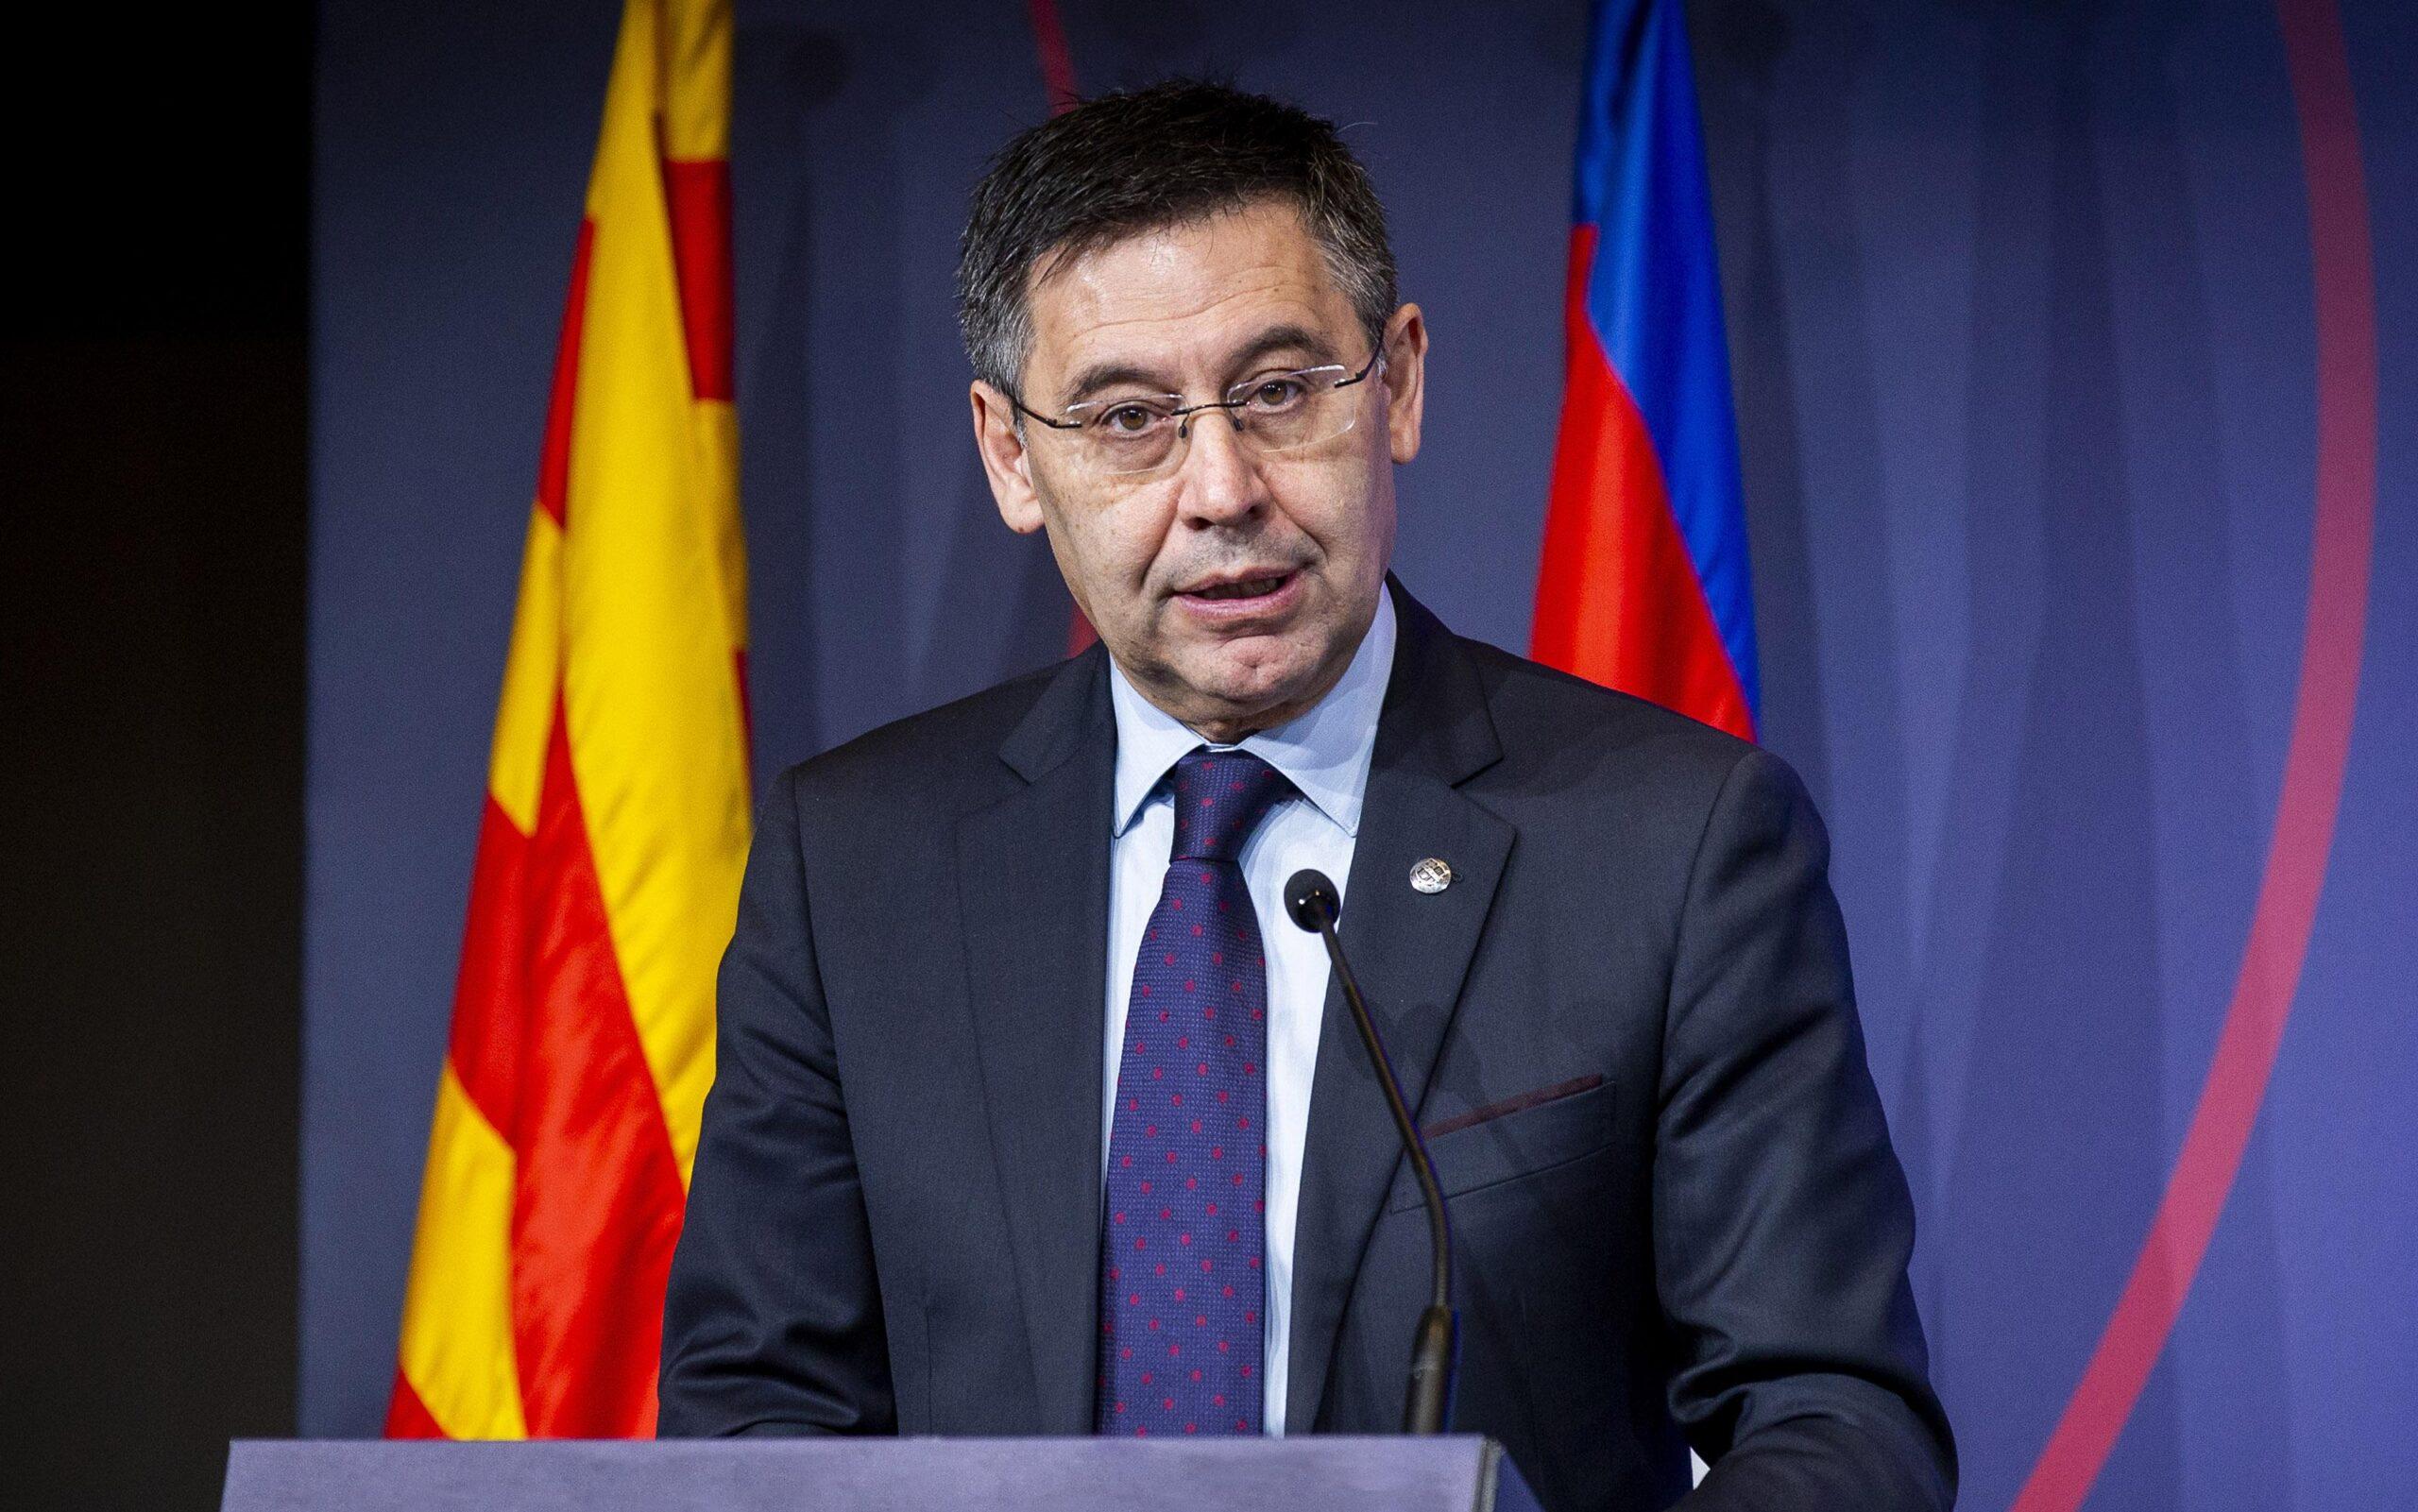 Tras la renuncia de Bartomeu, ¿quién se hace cargo del Barcelona?